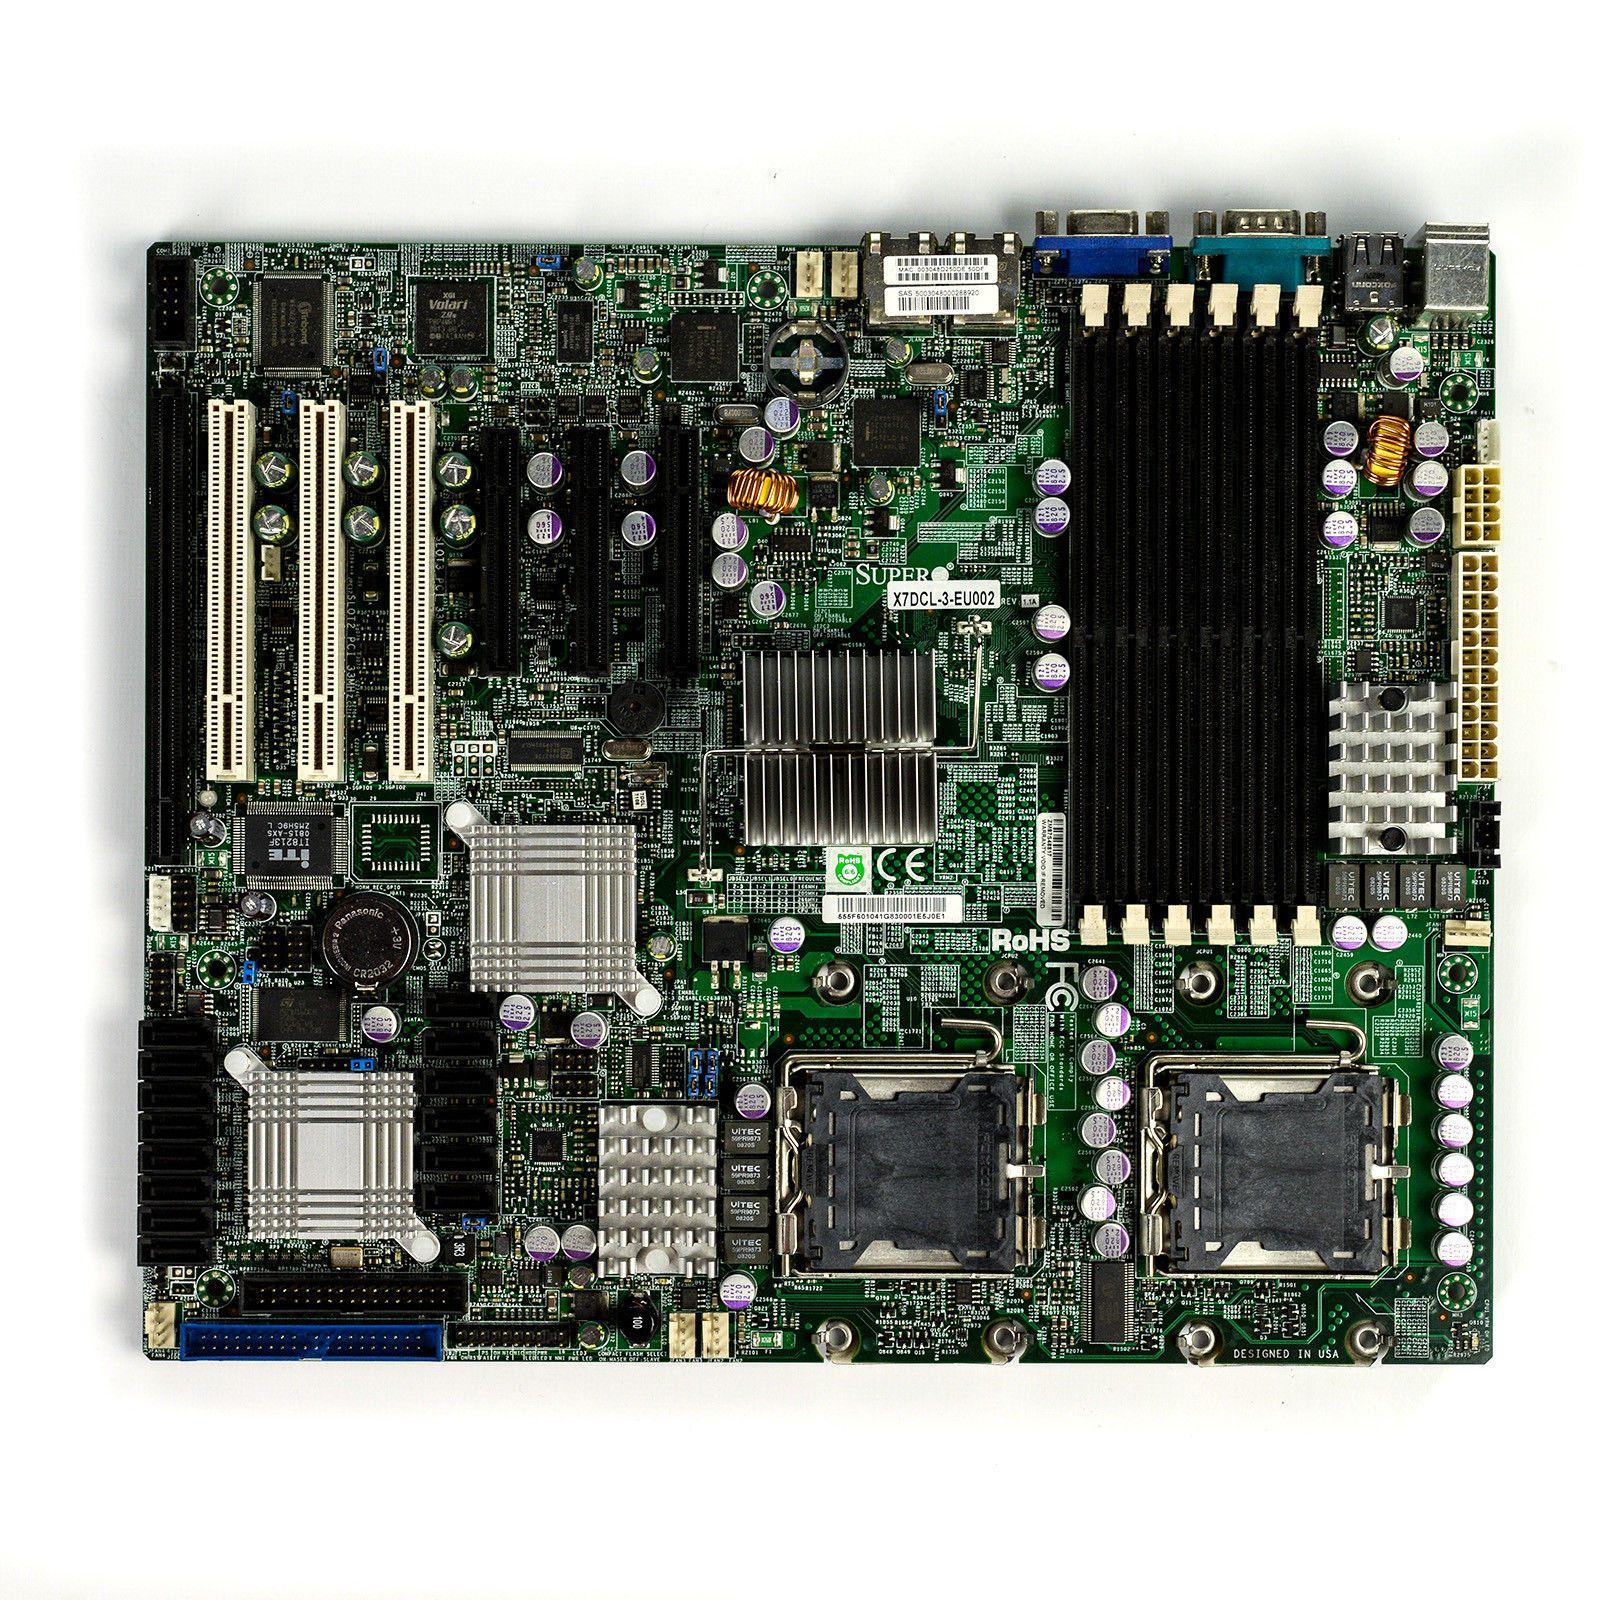 Материнская плата рабочего места набора микросхем X7DCL-3 5100 поддерживает качество испытания серии 771 100% Xeon 54-pin хорошее